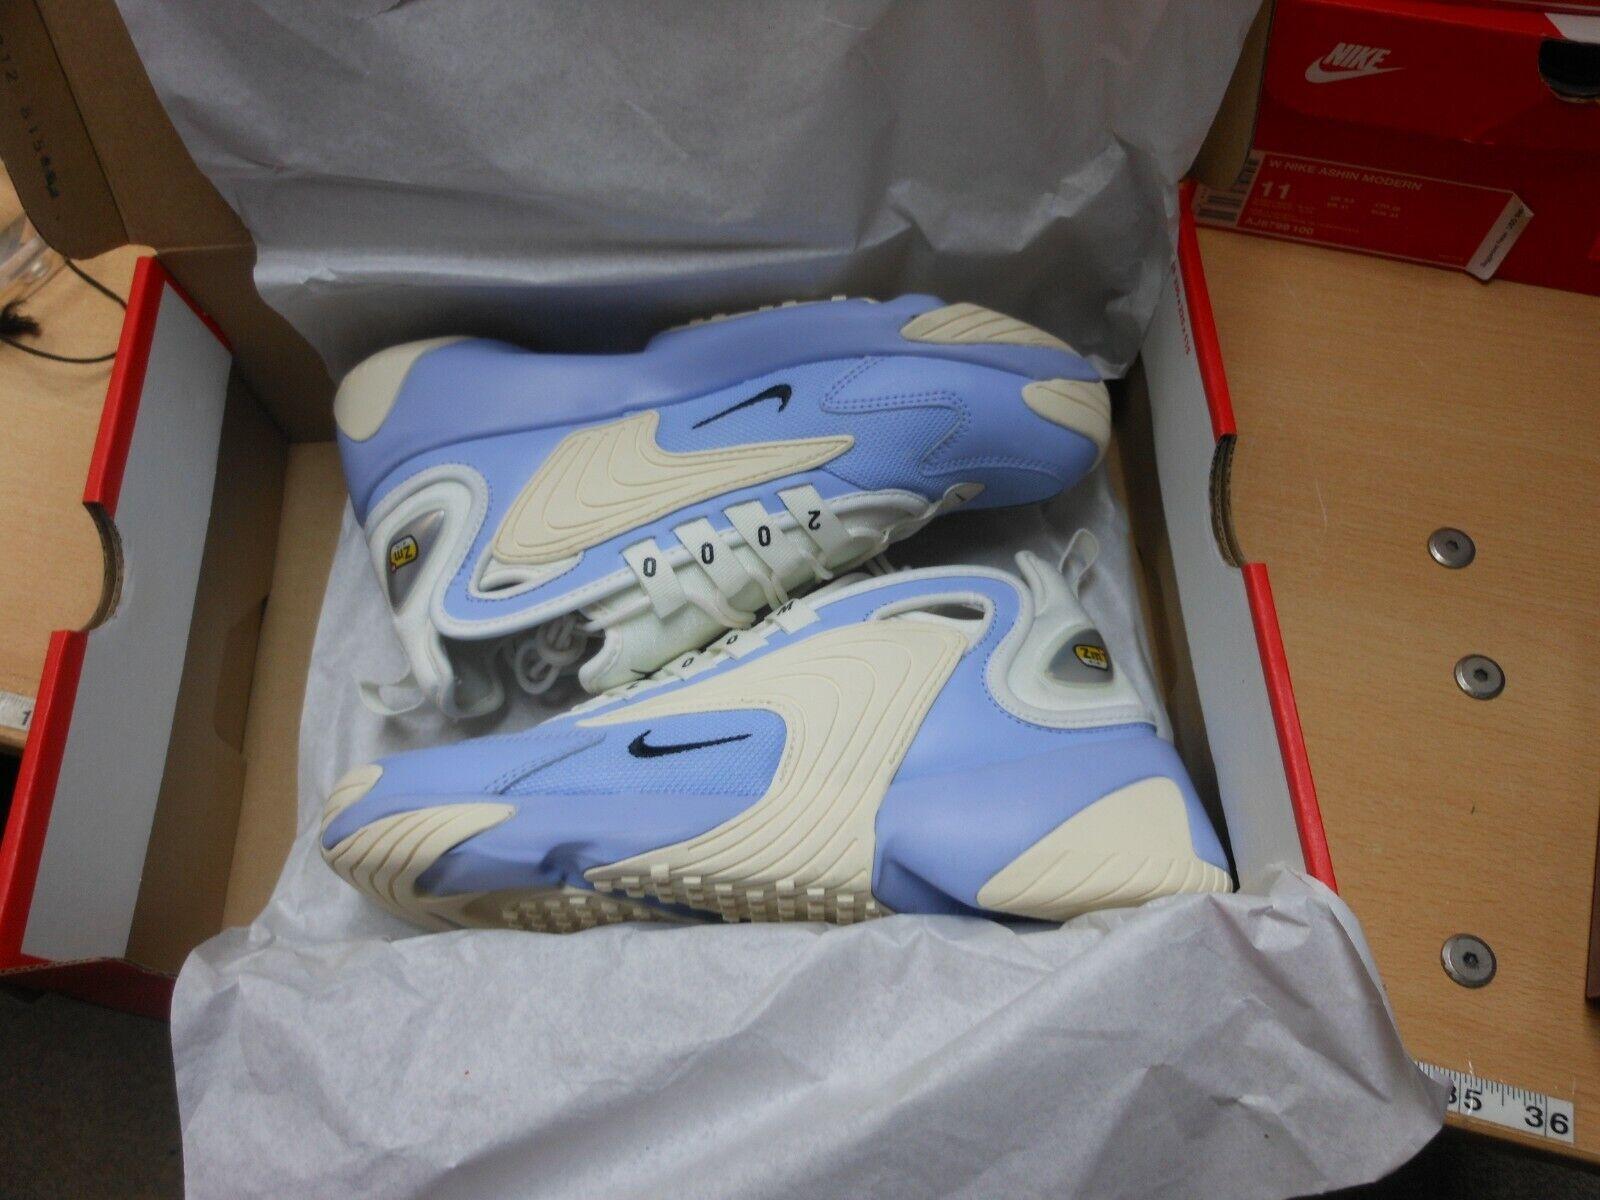 Nike 8.5 ZOOM femminile AIR 2K CASUAL scarpe da ginnastica    Scarpe NUOVE AO0354 400 w argento  centro commerciale online integrato professionale